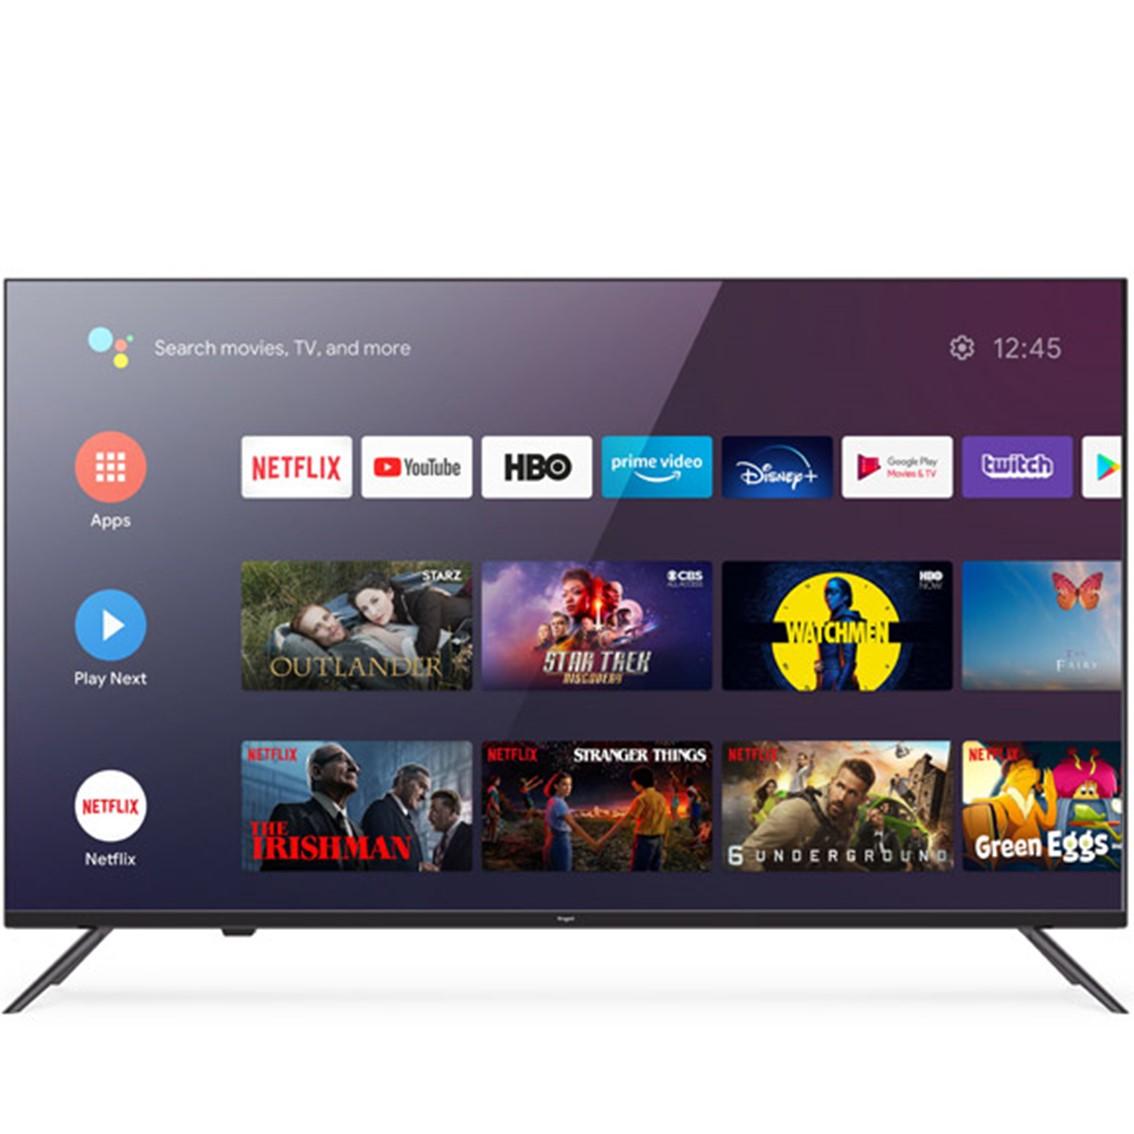 Tv engel 43pulgadas led 4k uhd -  le4390atv -  android smart tv -  chromecast -  google asistant -  usb -  hdmi